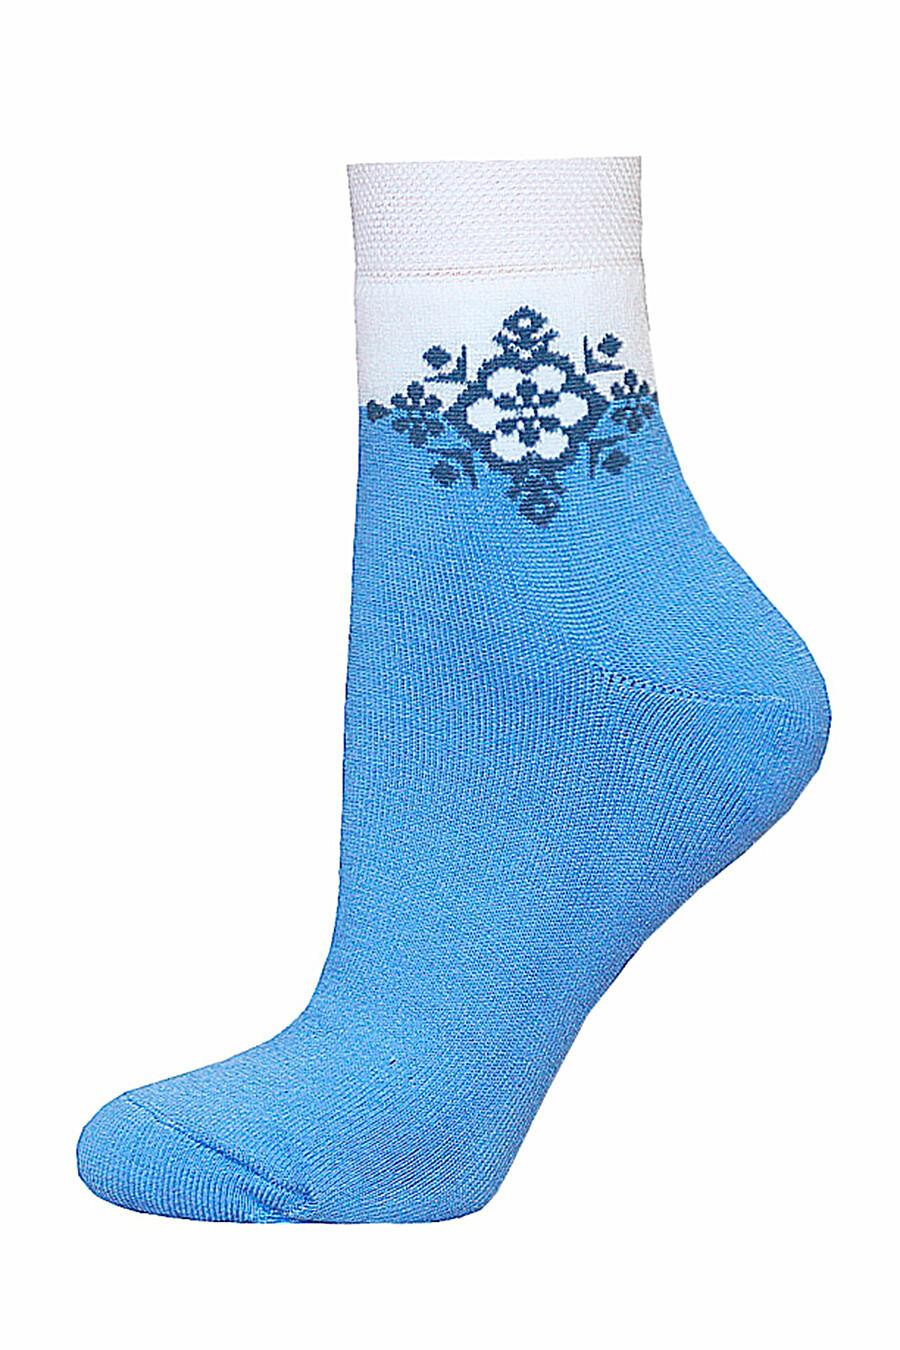 Носки для женщин БРЕСТСКИЕ 226921 купить оптом от производителя. Совместная покупка женской одежды в OptMoyo